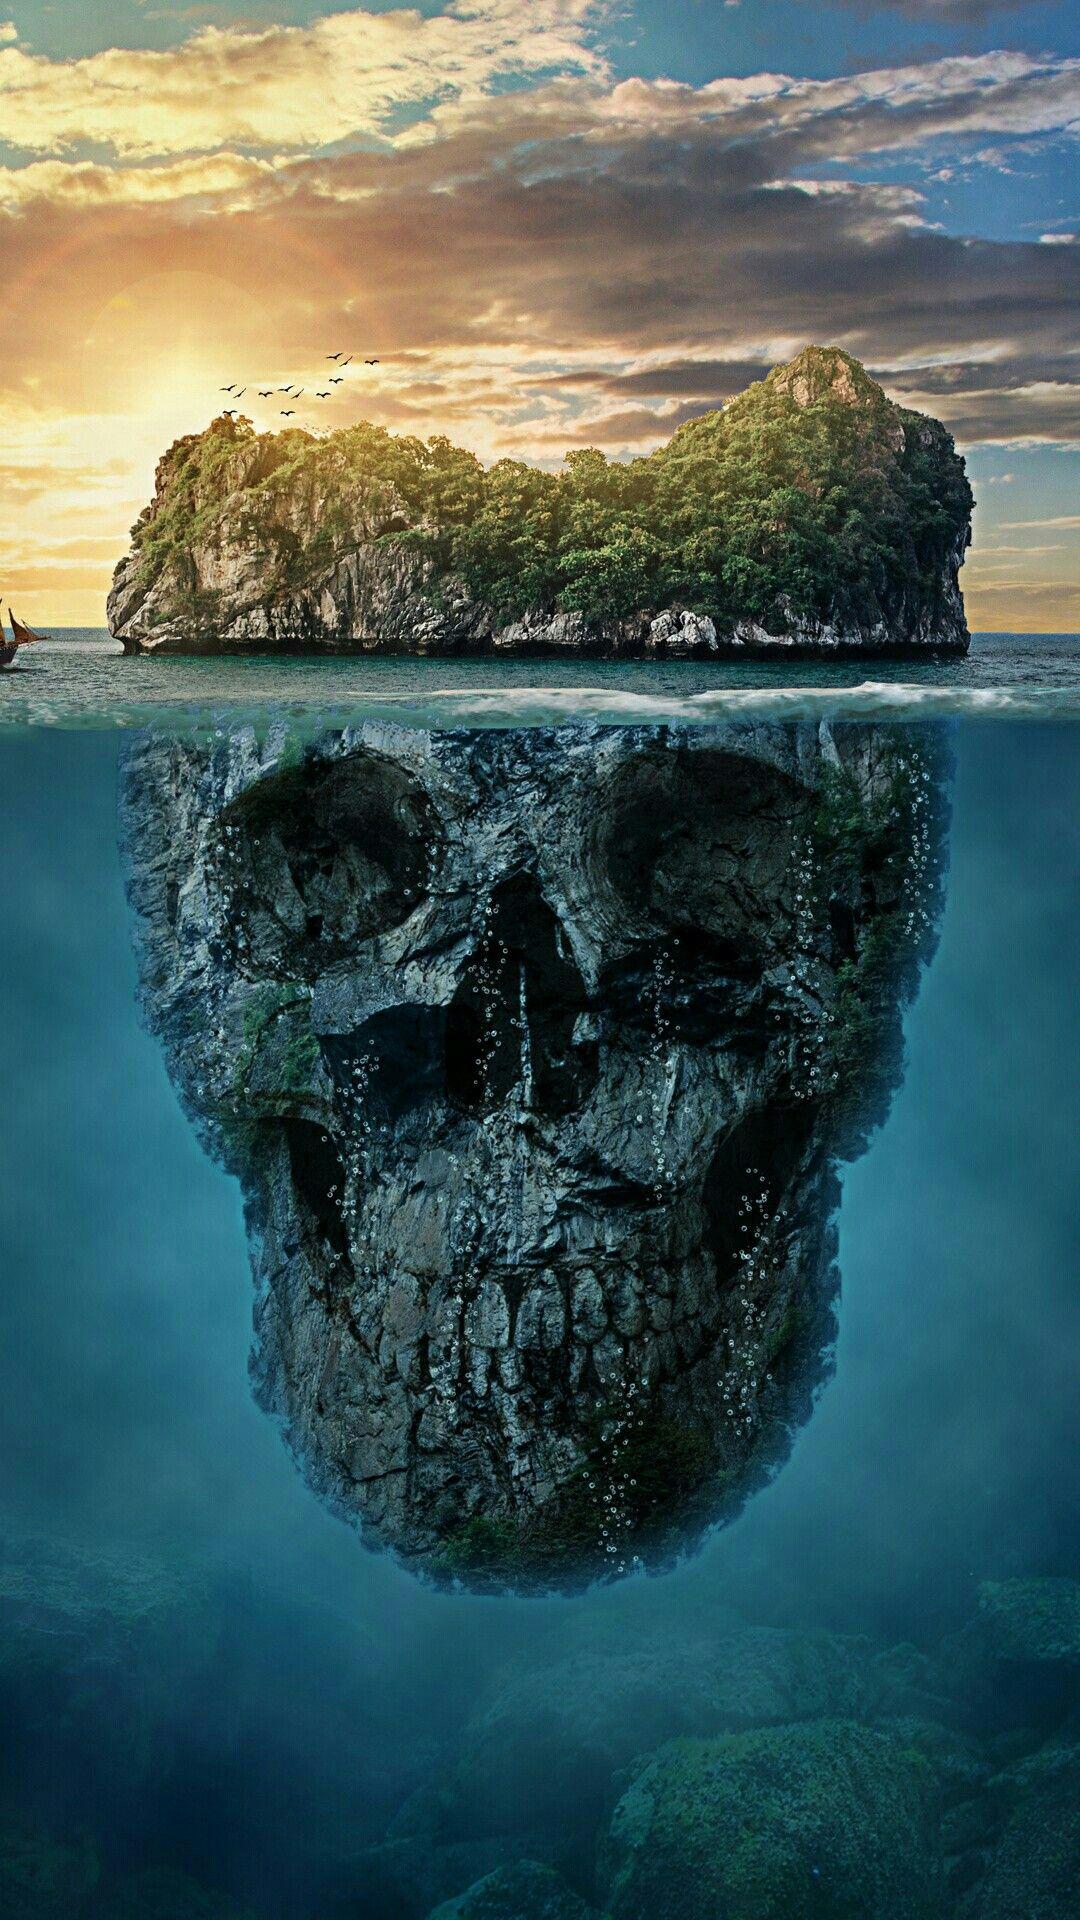 Wallpaper Tapeta Wyspa Woda Ocean W 2019 Tapety Ocean I